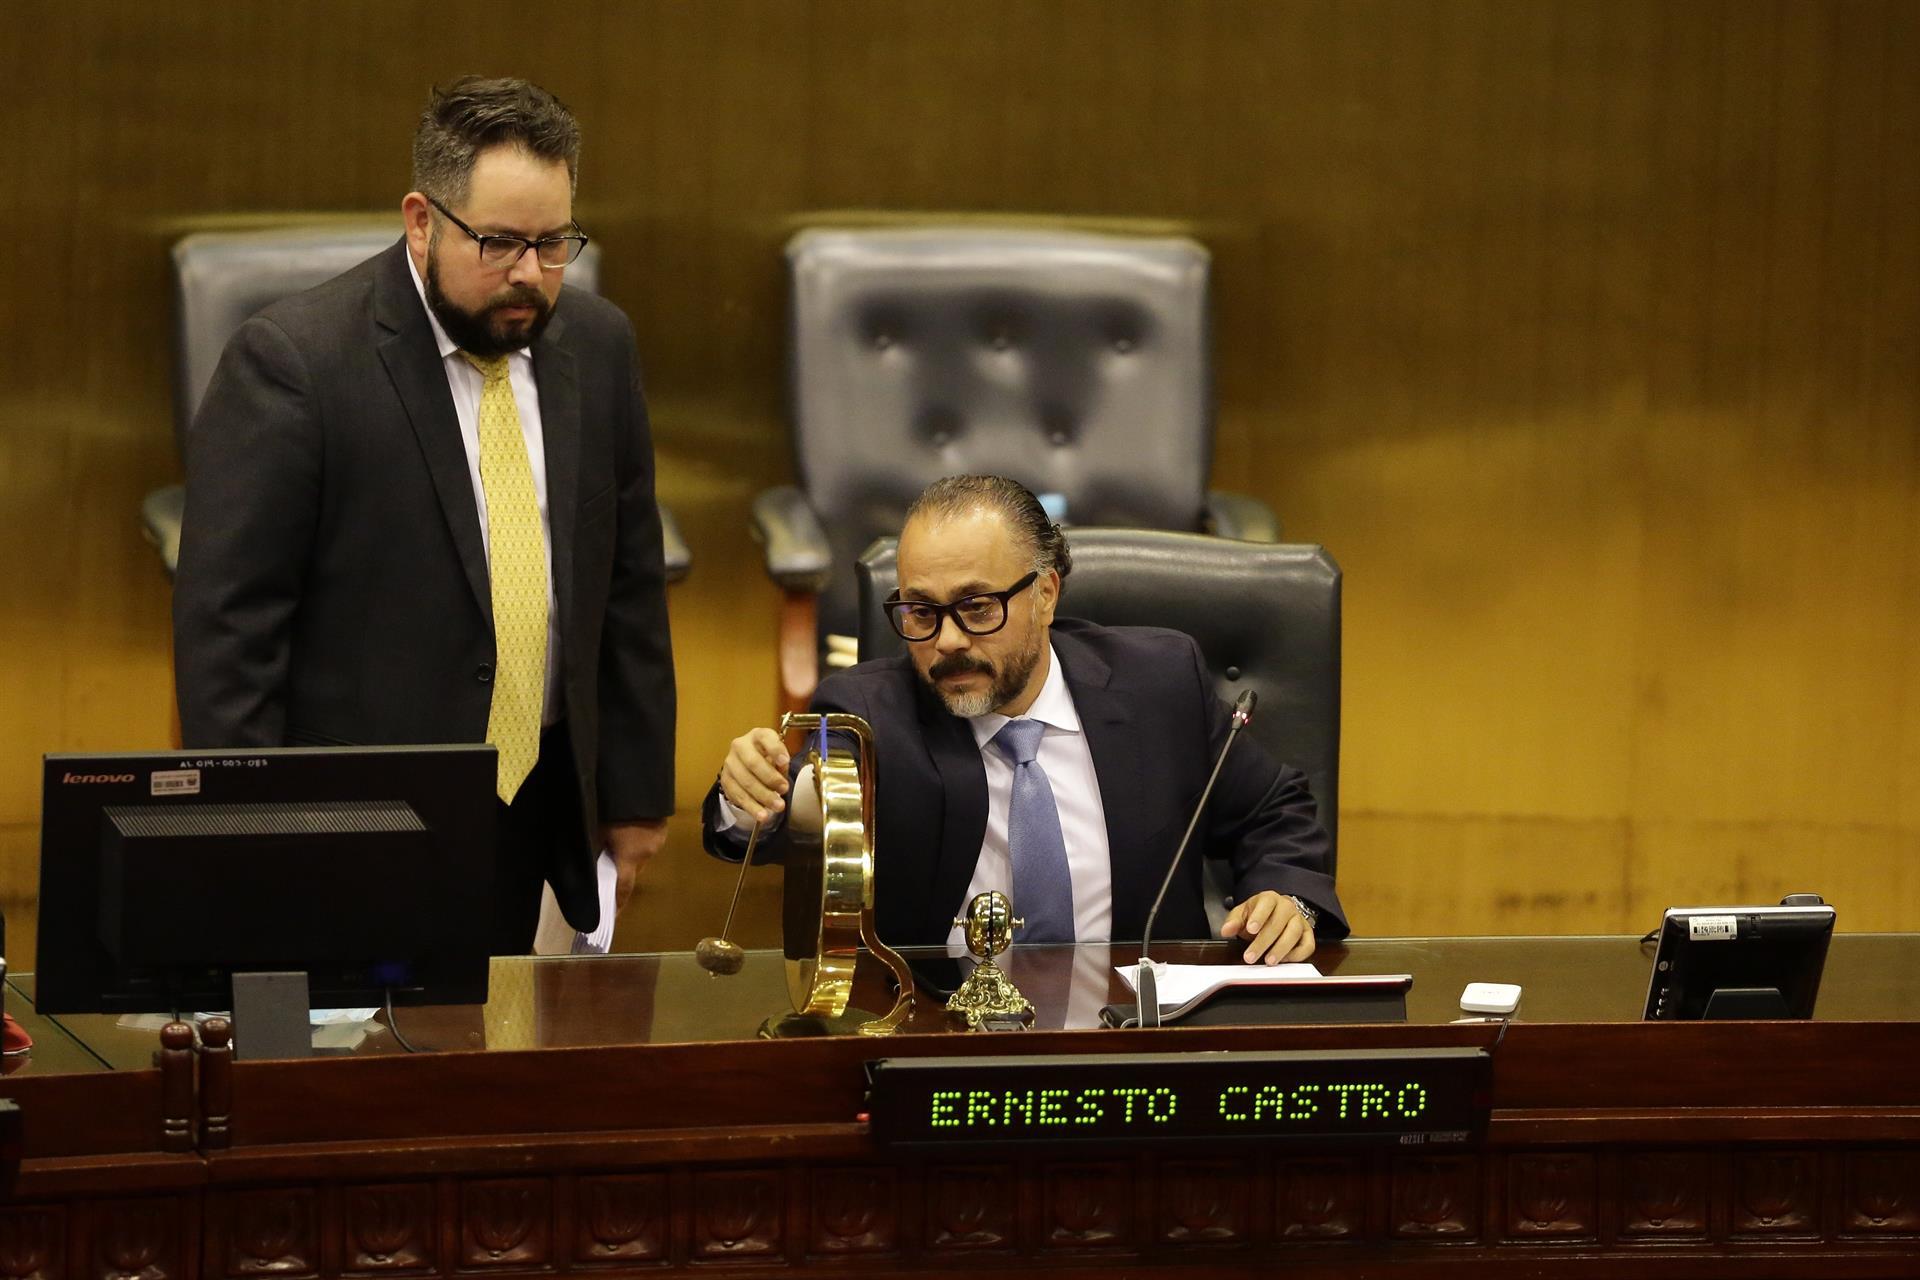 El presidente de la Asamblea Legislativa de El Salvador, Ernesto Castro, durante la primer sesión plenaria de la legislatura 2021-2024. Foto: EFE